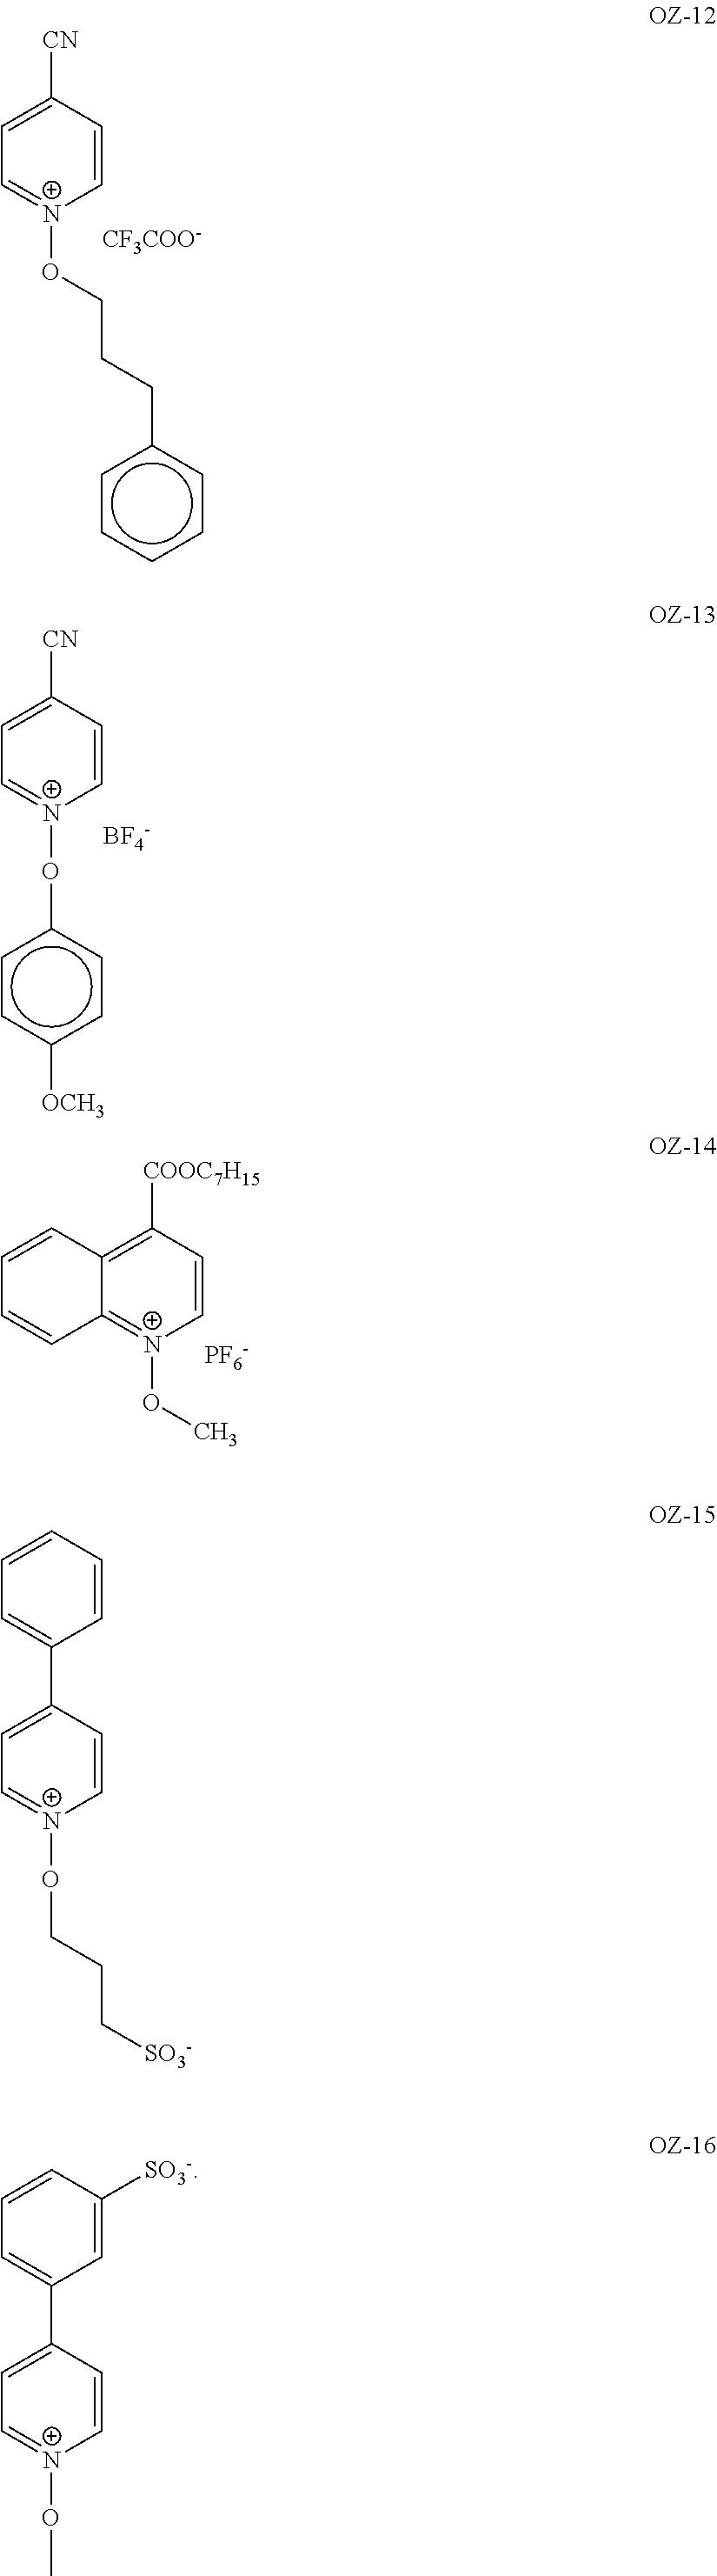 Figure US08399533-20130319-C00043